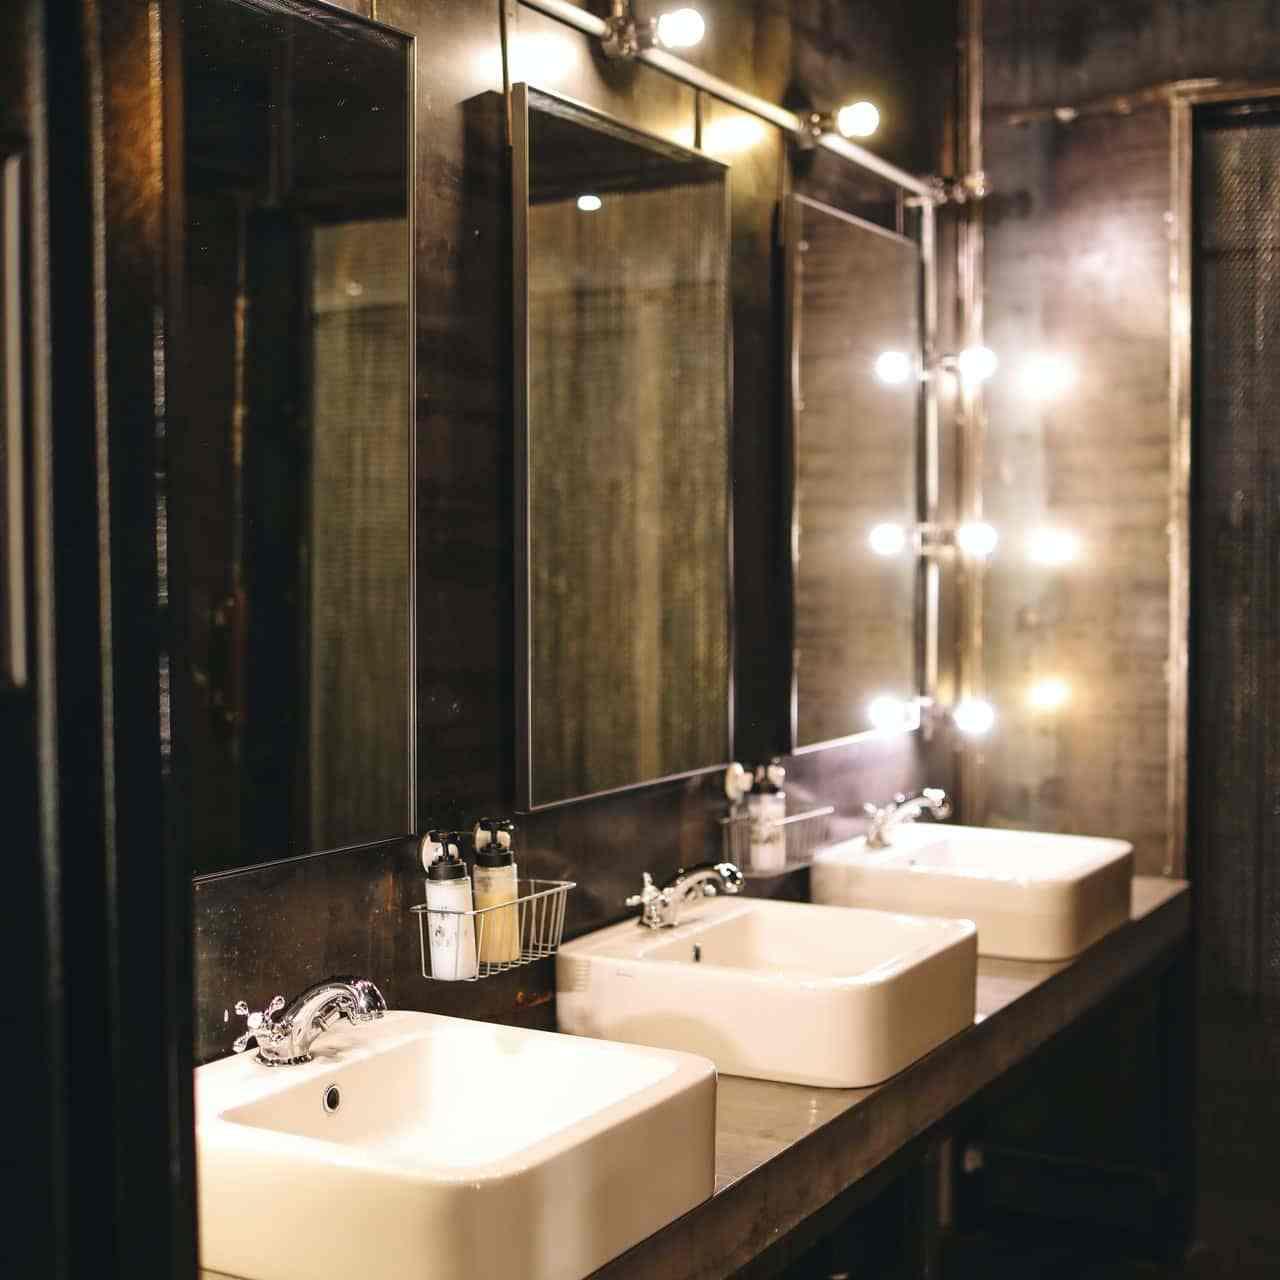 commercial washroom image